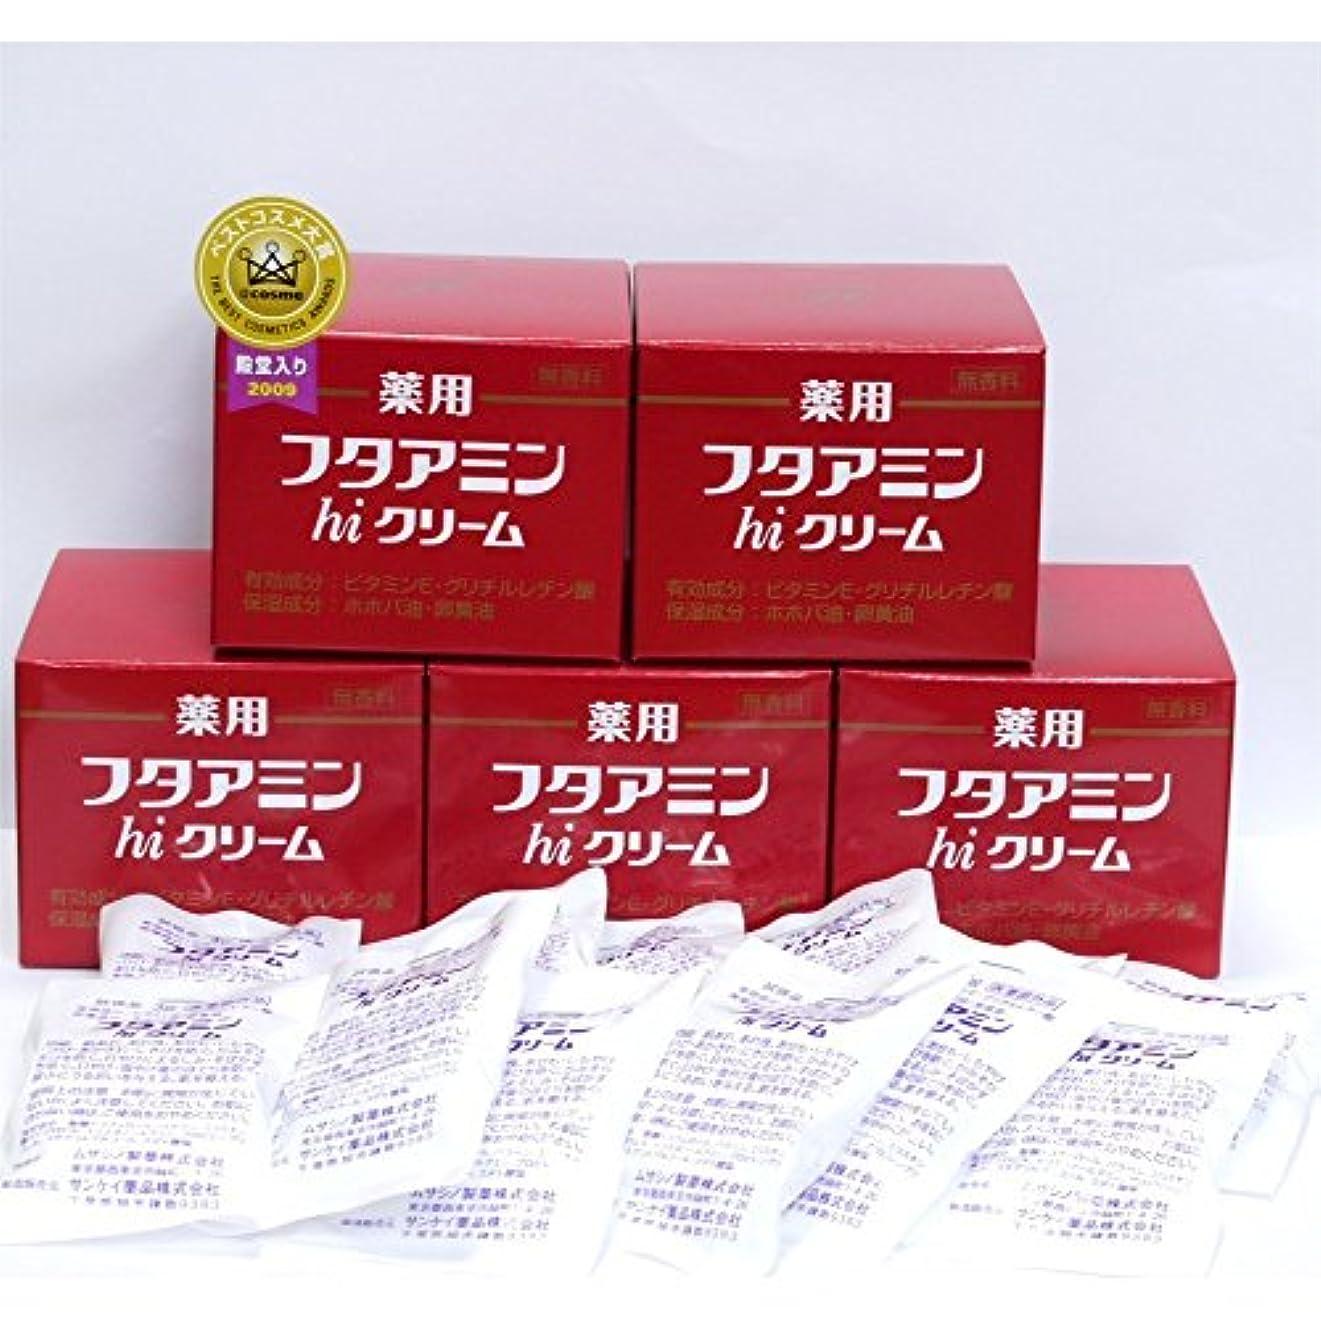 シェーバー発疹知覚する薬用 フタアミンhiクリーム 130g  5個セット 3gお試品×12個付